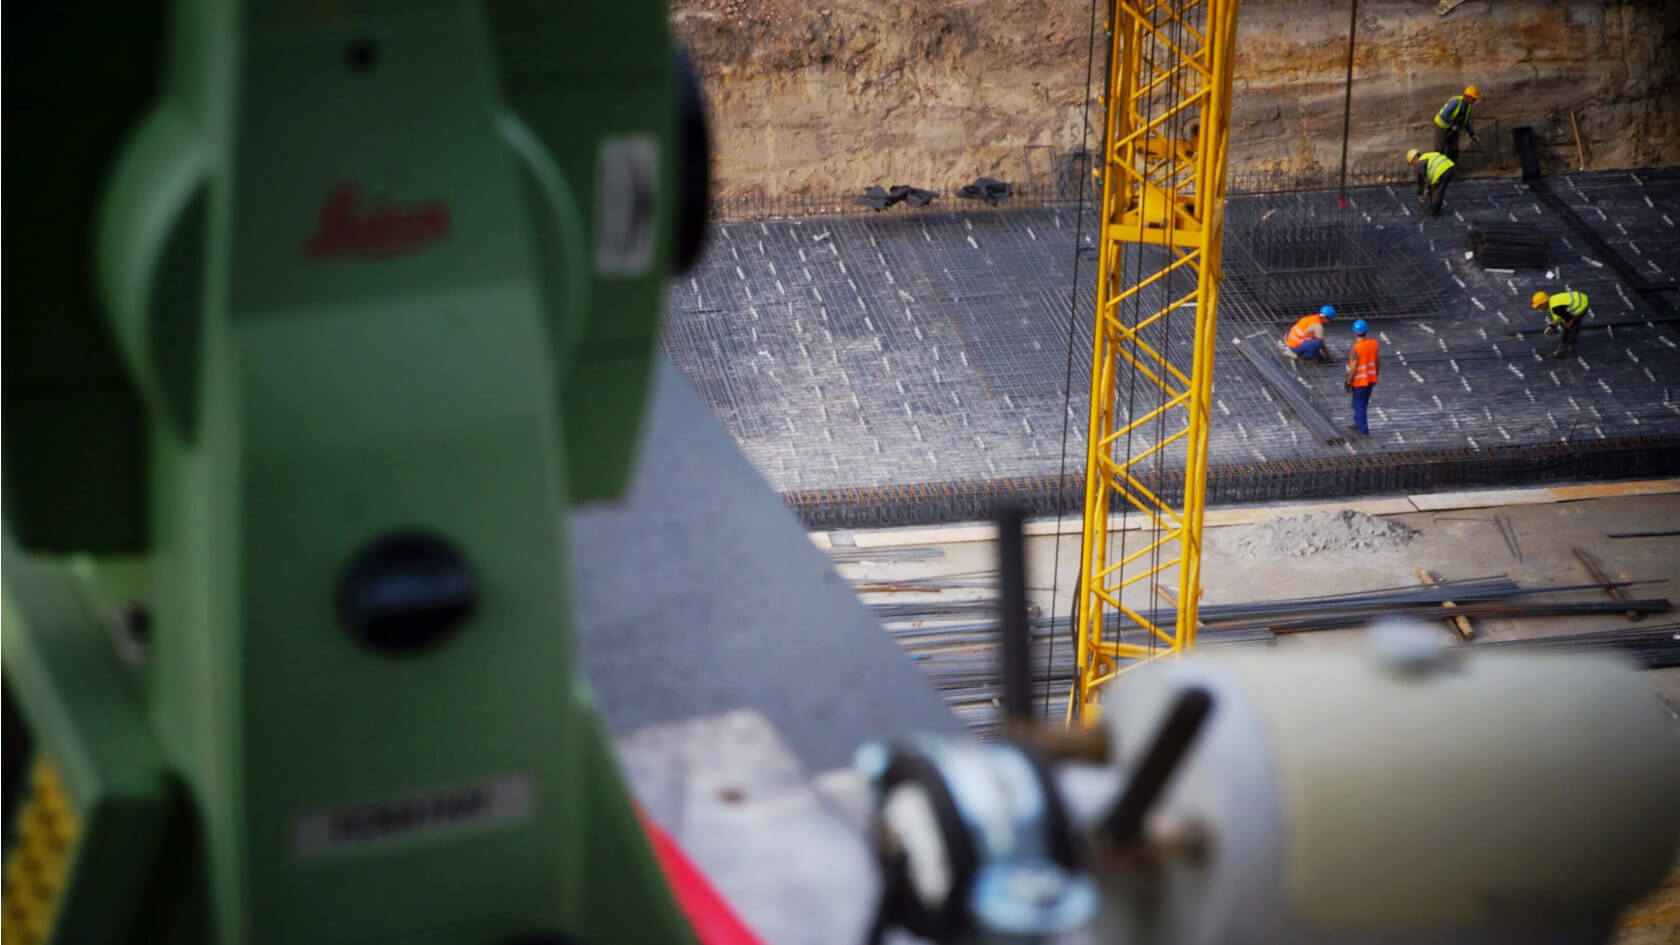 Łódź, ul. Niciarniana – widok na plac budowy z perspektywy tachimetru stanowiącego element automatycznego systemu monitoringu